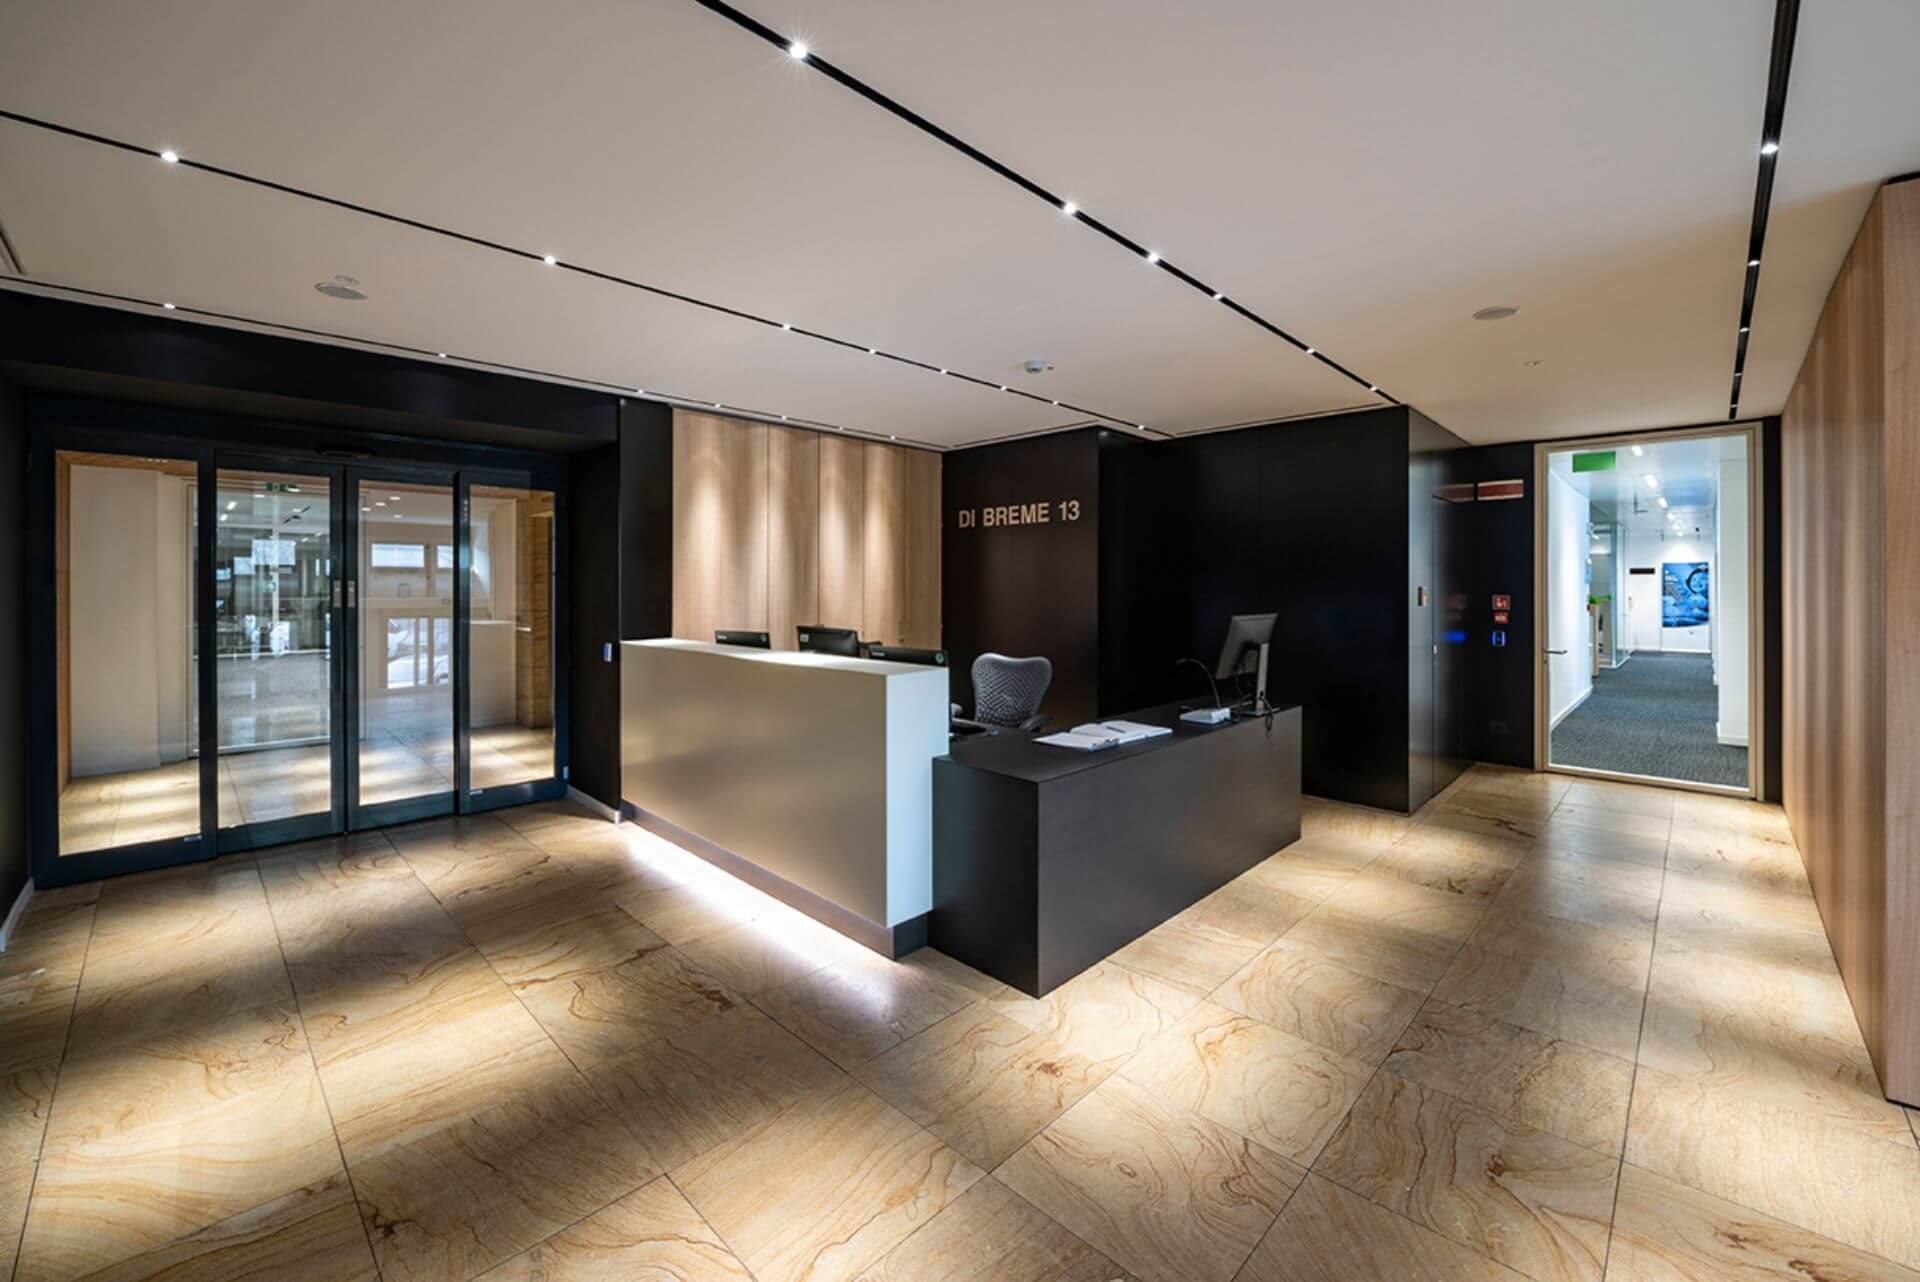 Parete Divisoria In Legno pareti divisorie in legno e vetro uffici bayer | pareti in